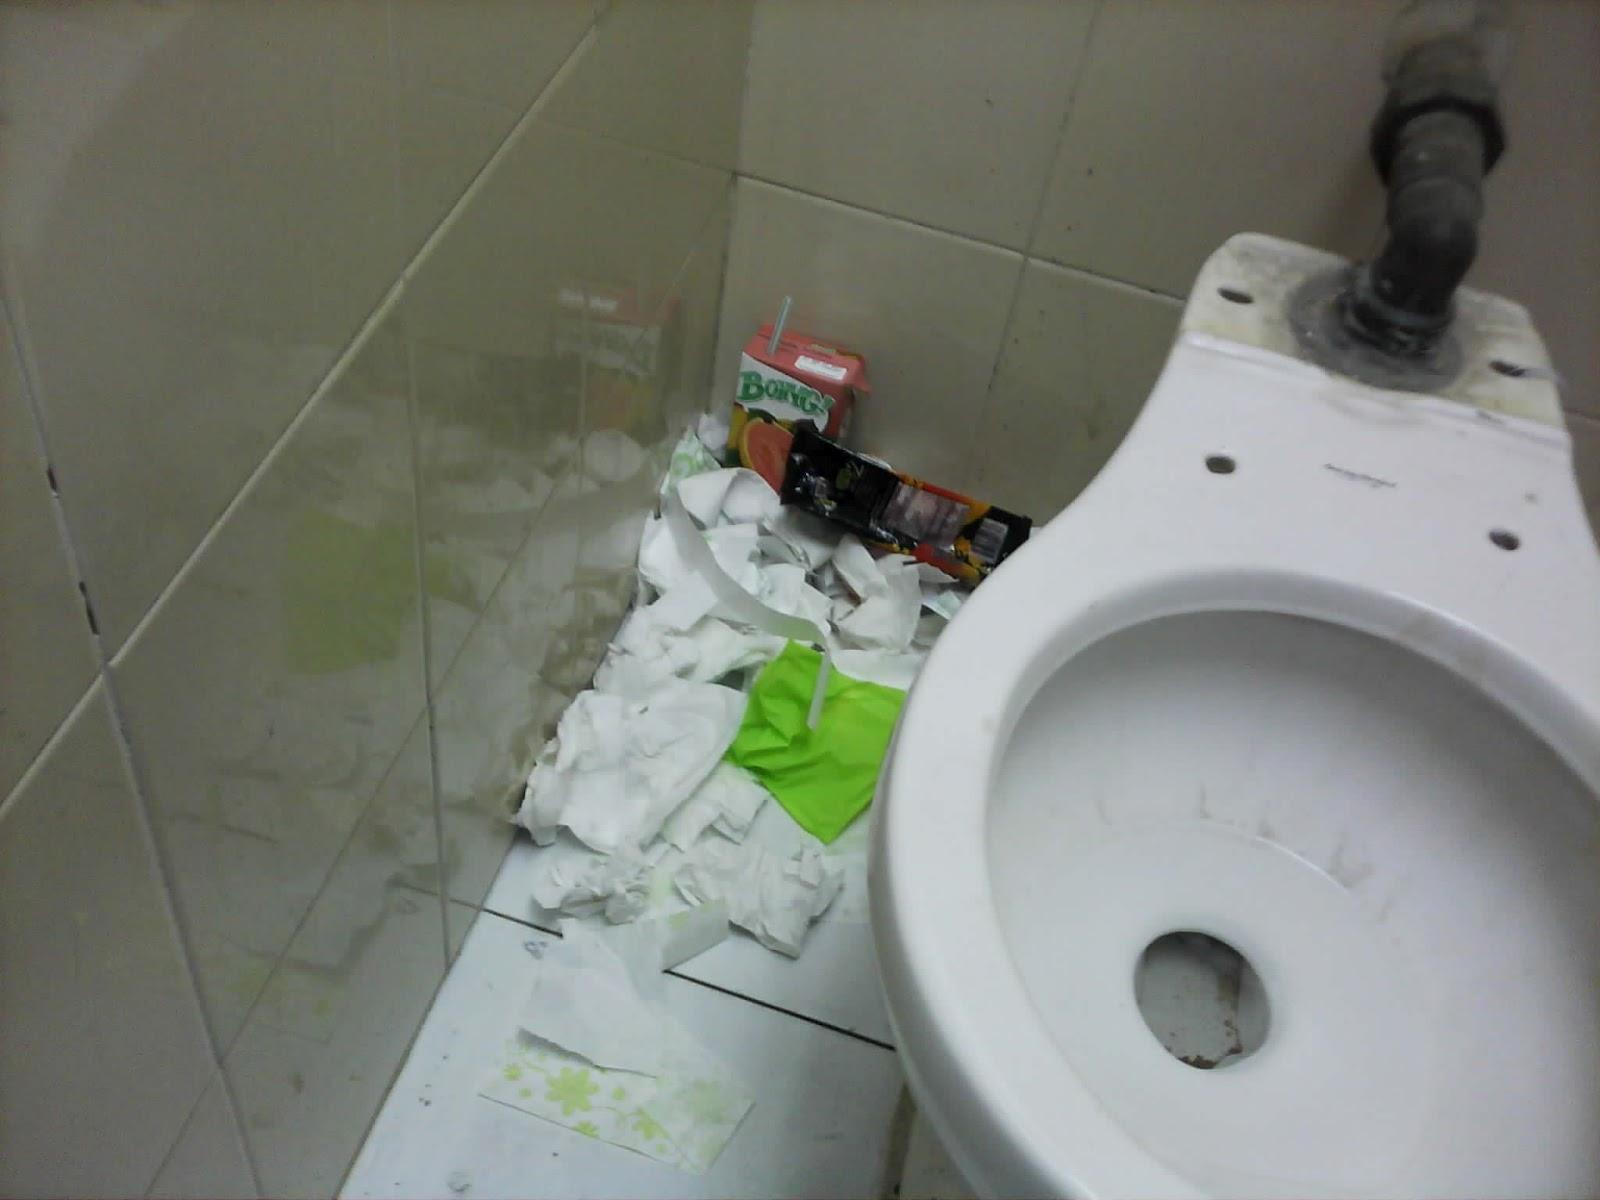 basura o en el techo, excremento fuera de los escusados,los lavabos en